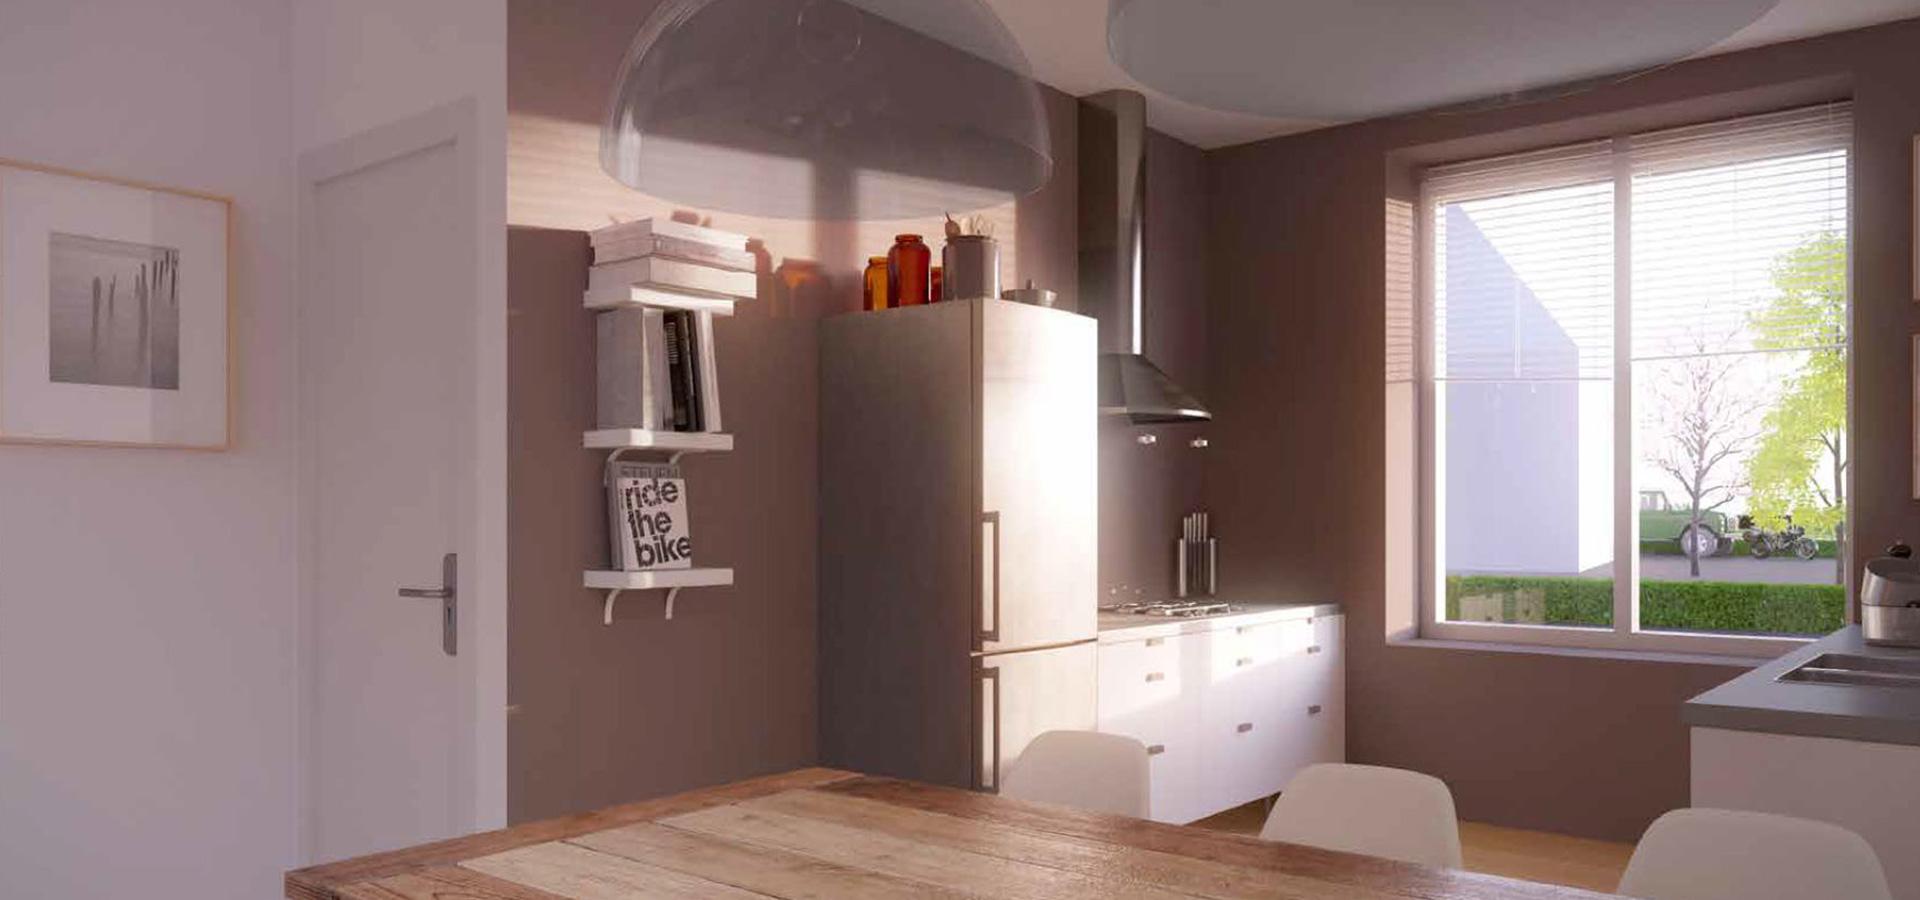 De woningen patiowoningen vrijstaand geschakeld 2 onder 1 kap type e dijkstraten best - Keuken ontwikkeling m ...